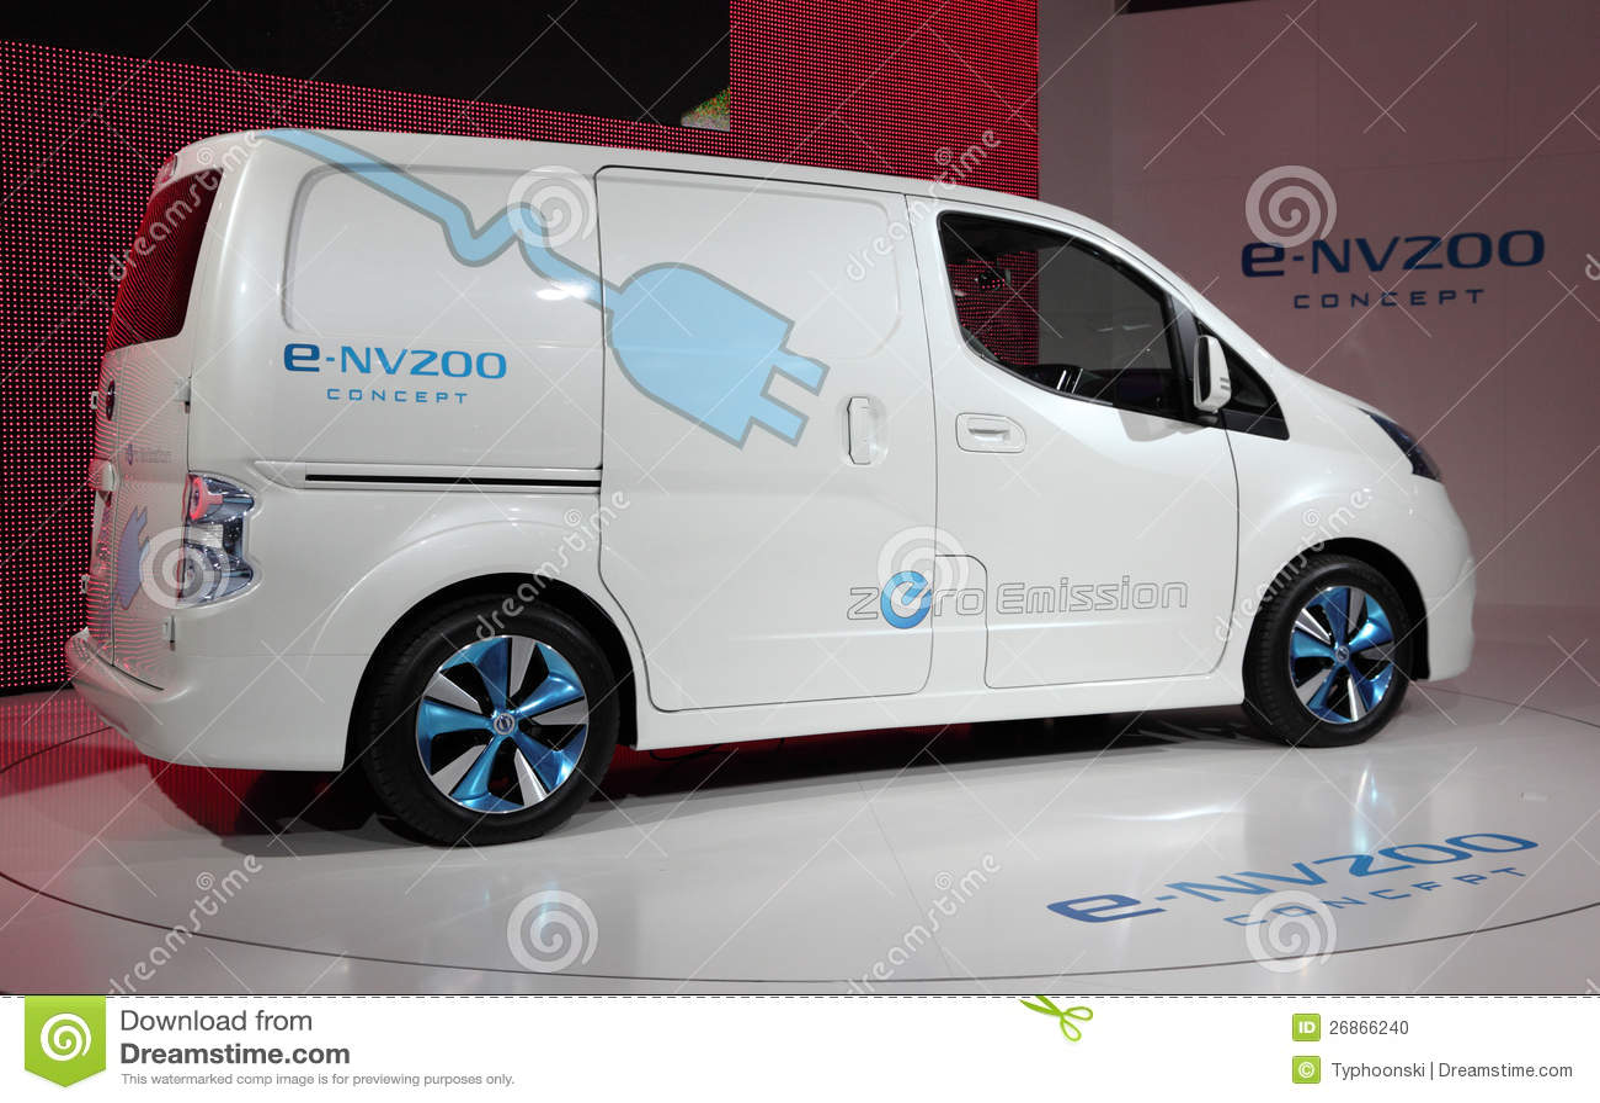 De Elektrische Bestelwagen Van Nissan E Nv200 Redactionele